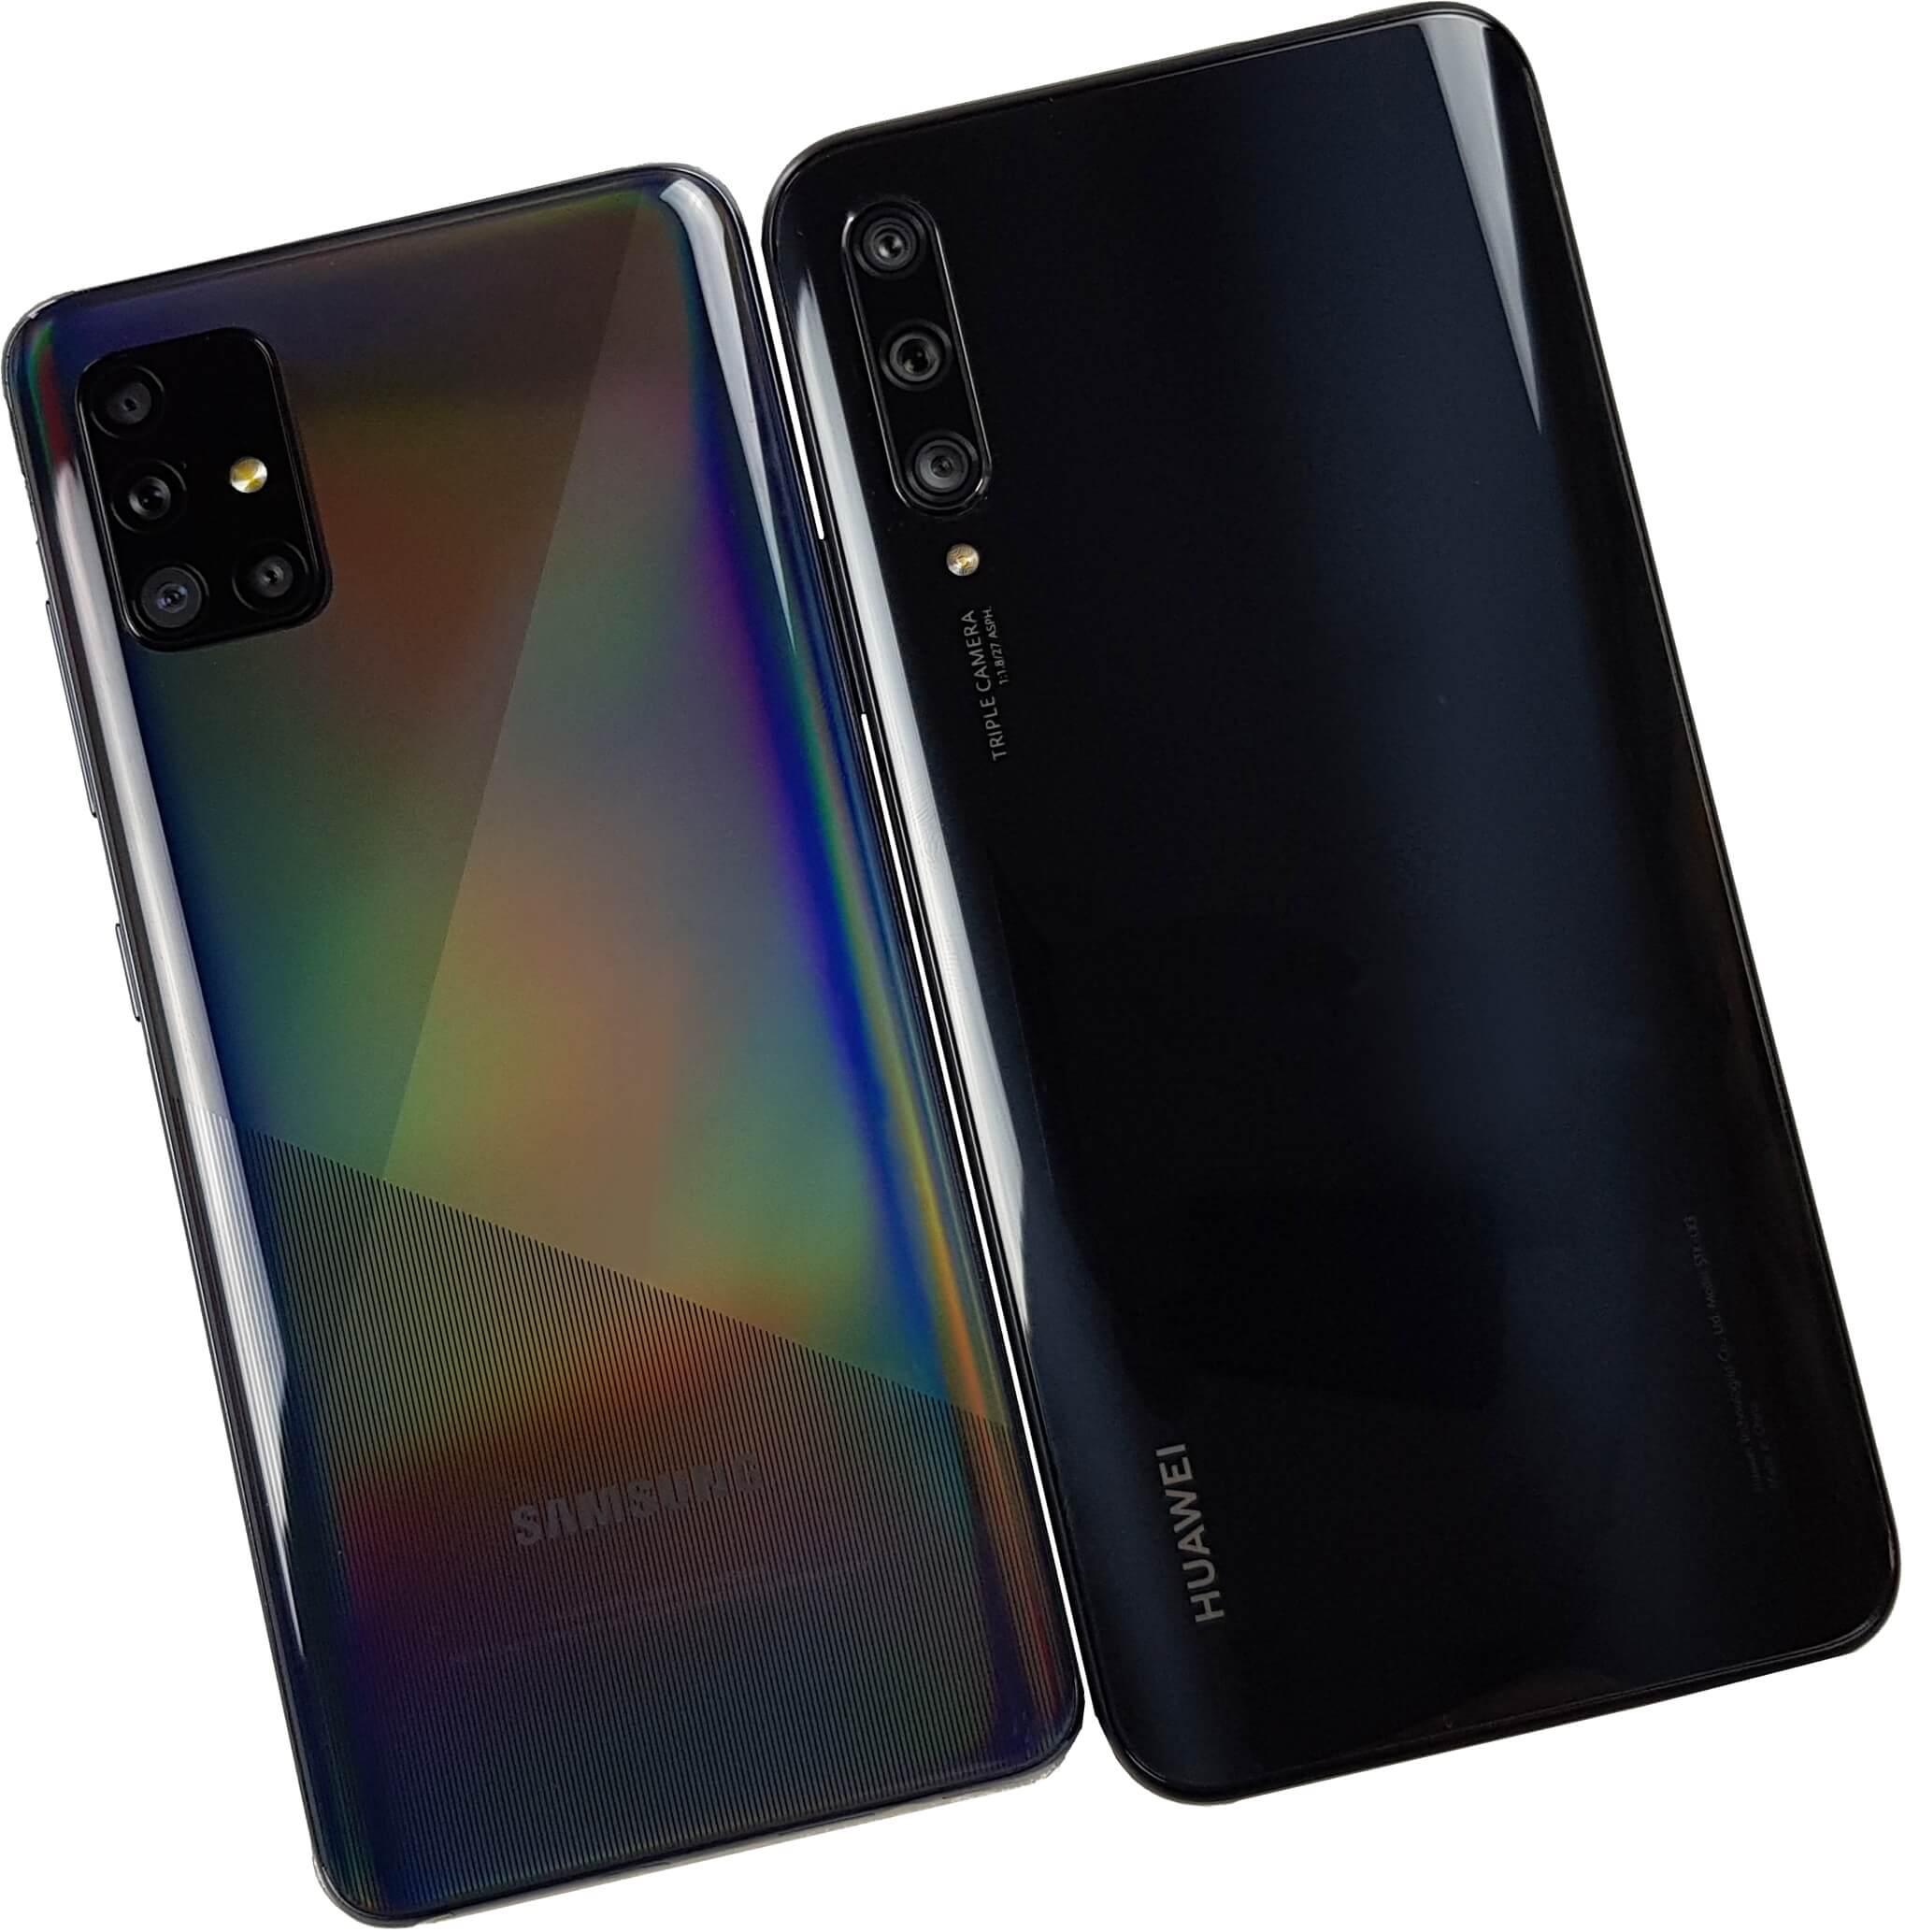 Comparativa: Samsung Galaxy A51 vs Huawei Y9s, aspecto trasero.